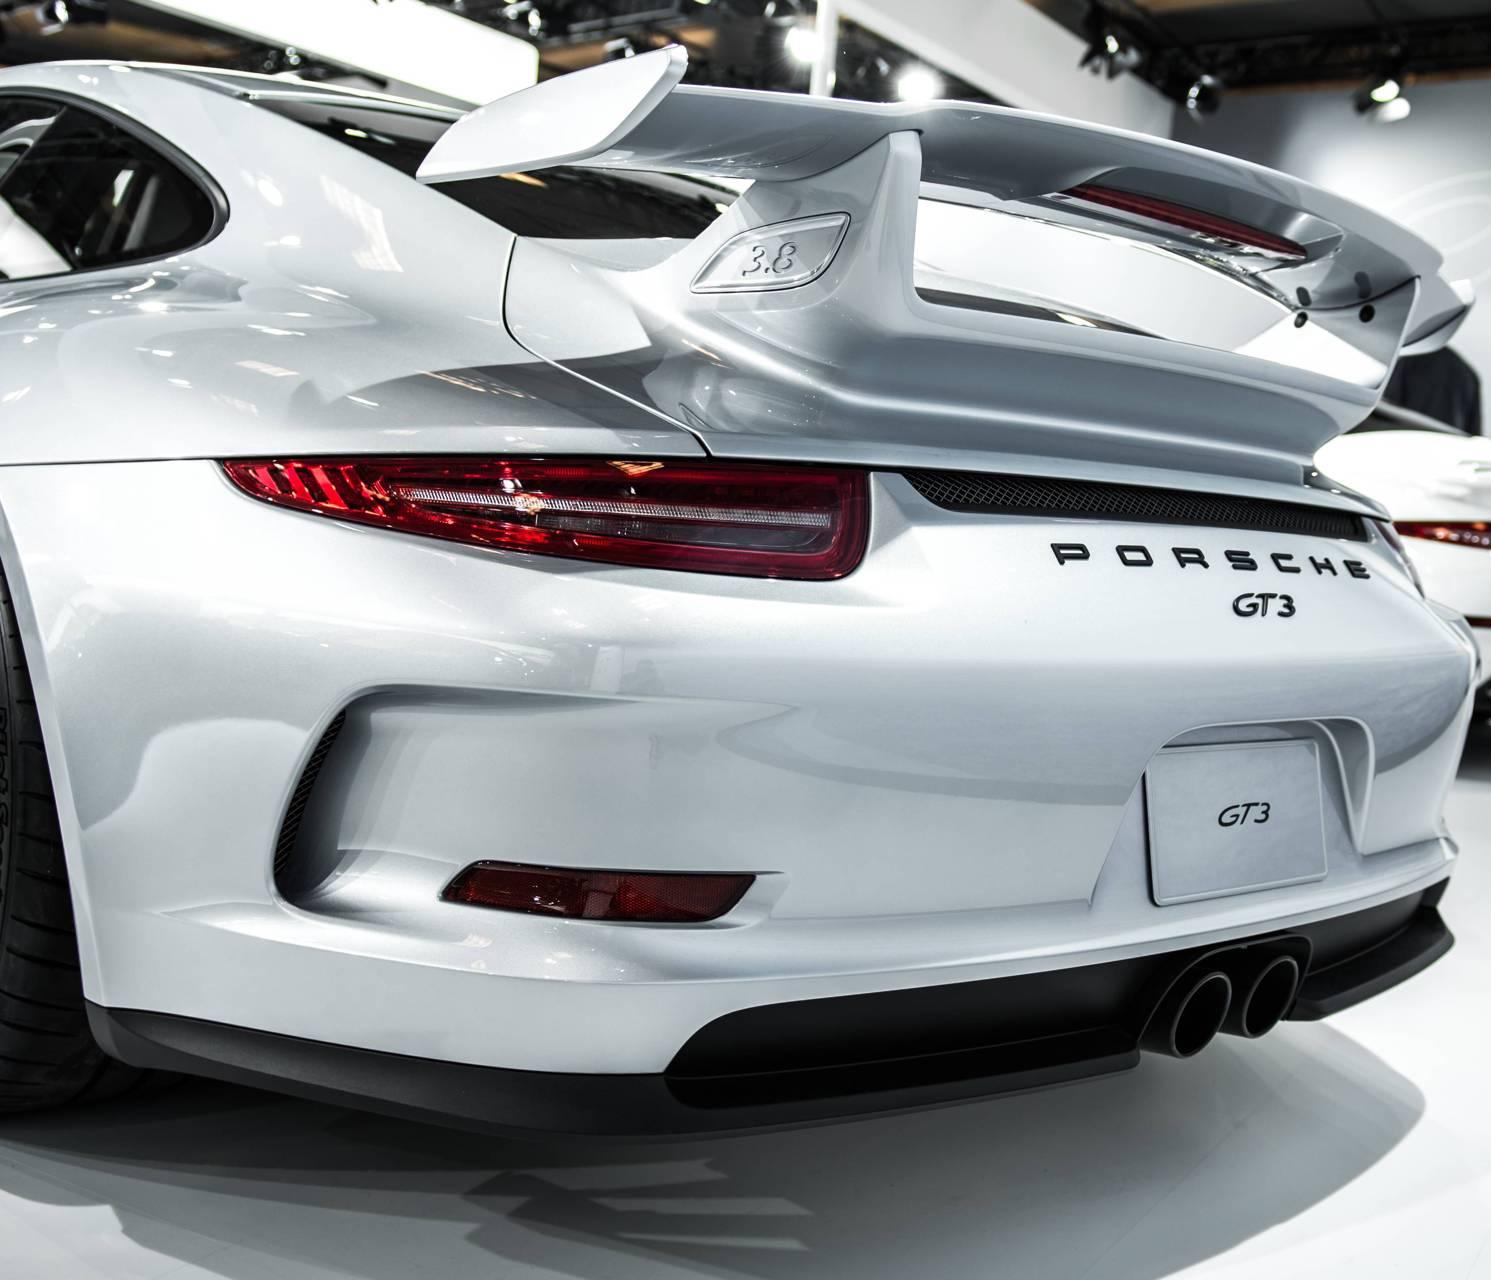 911 GT3 Wallpaper by _Dark_doG_ - 23